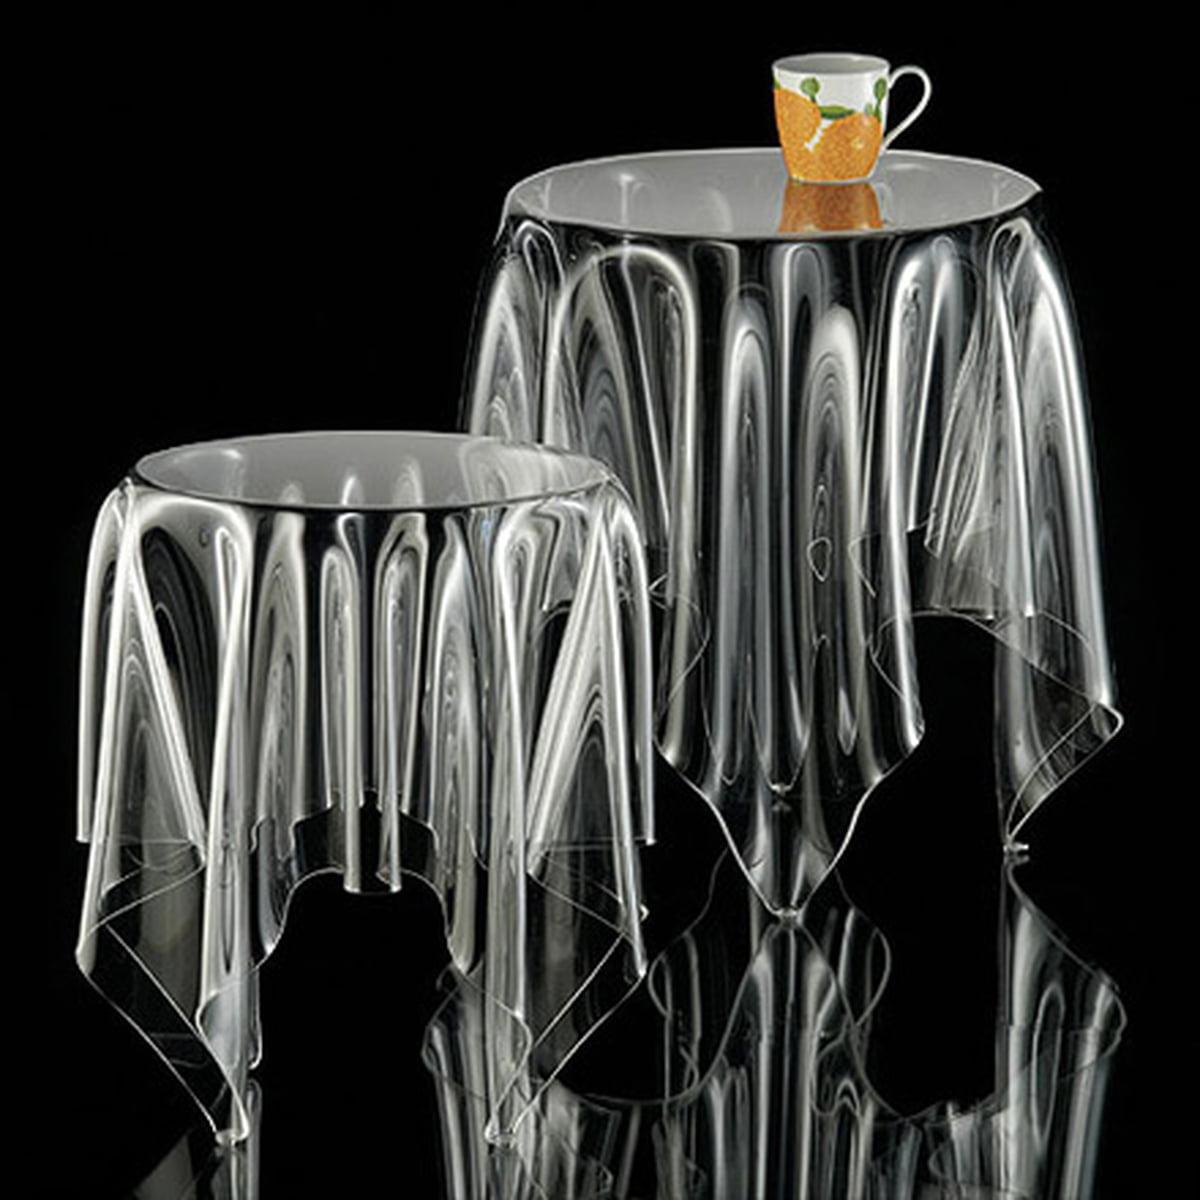 Grande table illusion design essey transparente H53cm